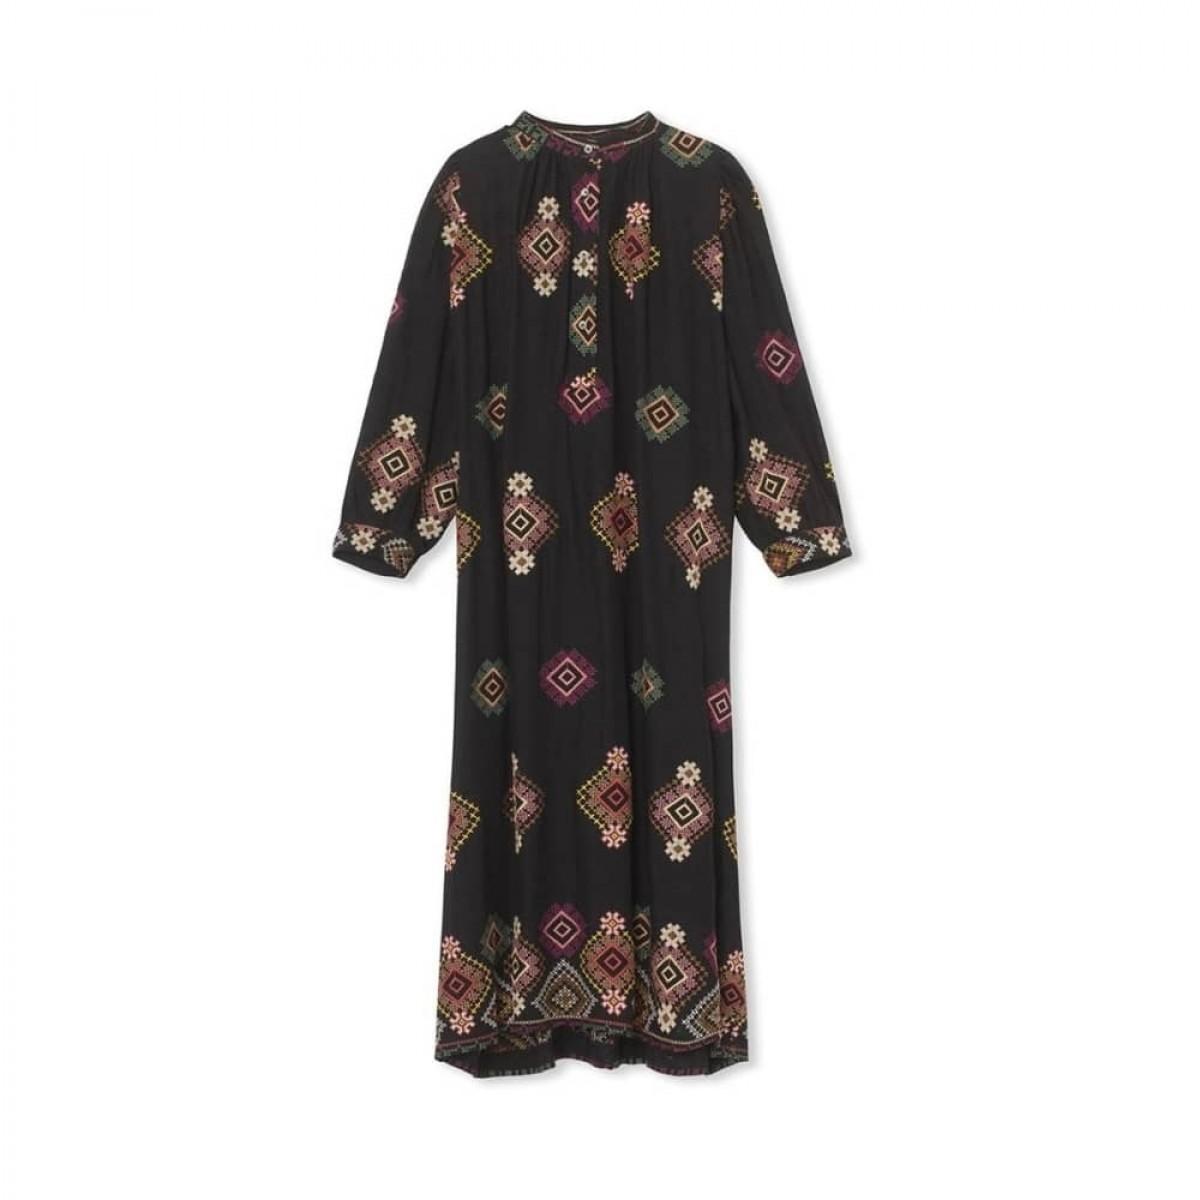 signe embroidered kjole - black - front